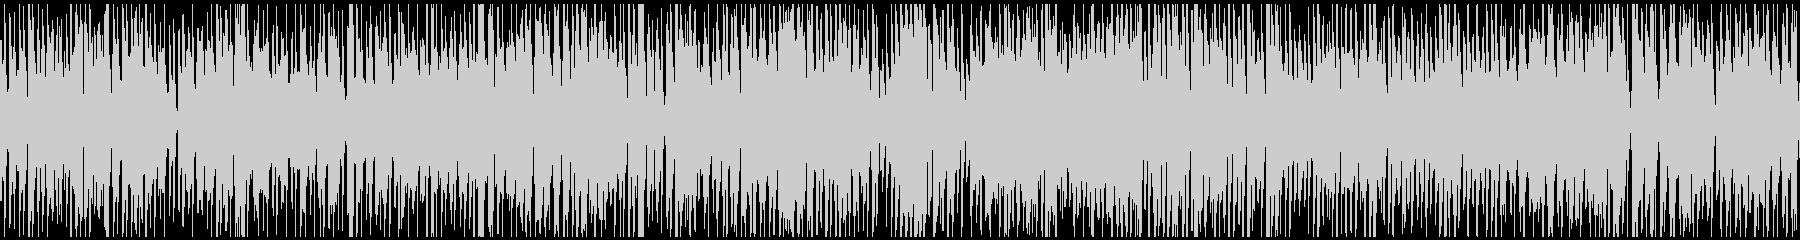 ハッピーなジプシースイング※ループ仕様版の未再生の波形